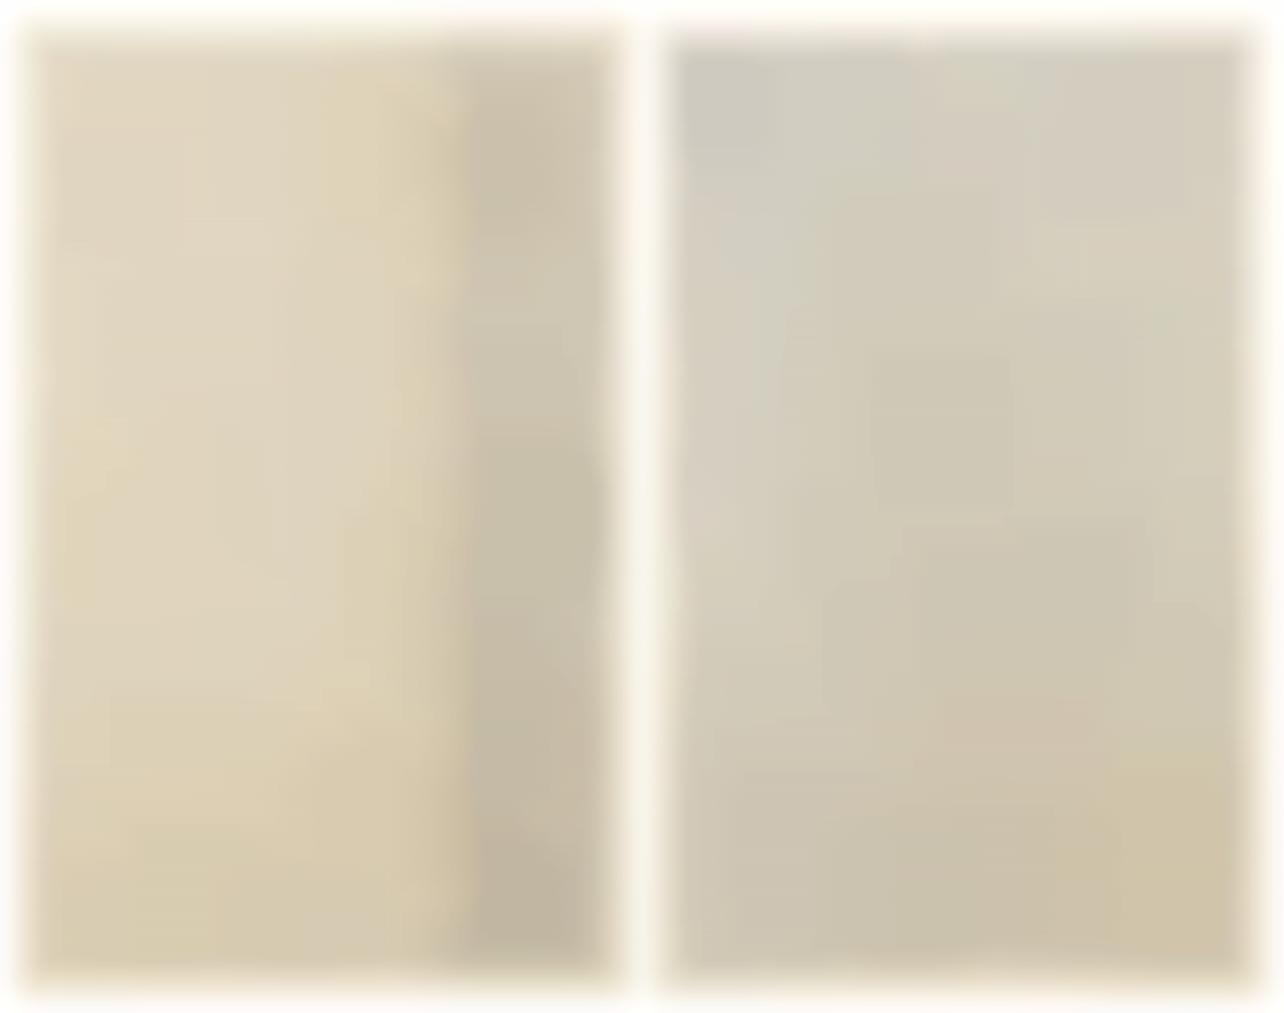 Jan Schoonhoven-(I) T71-20; (II) T71-21-1971